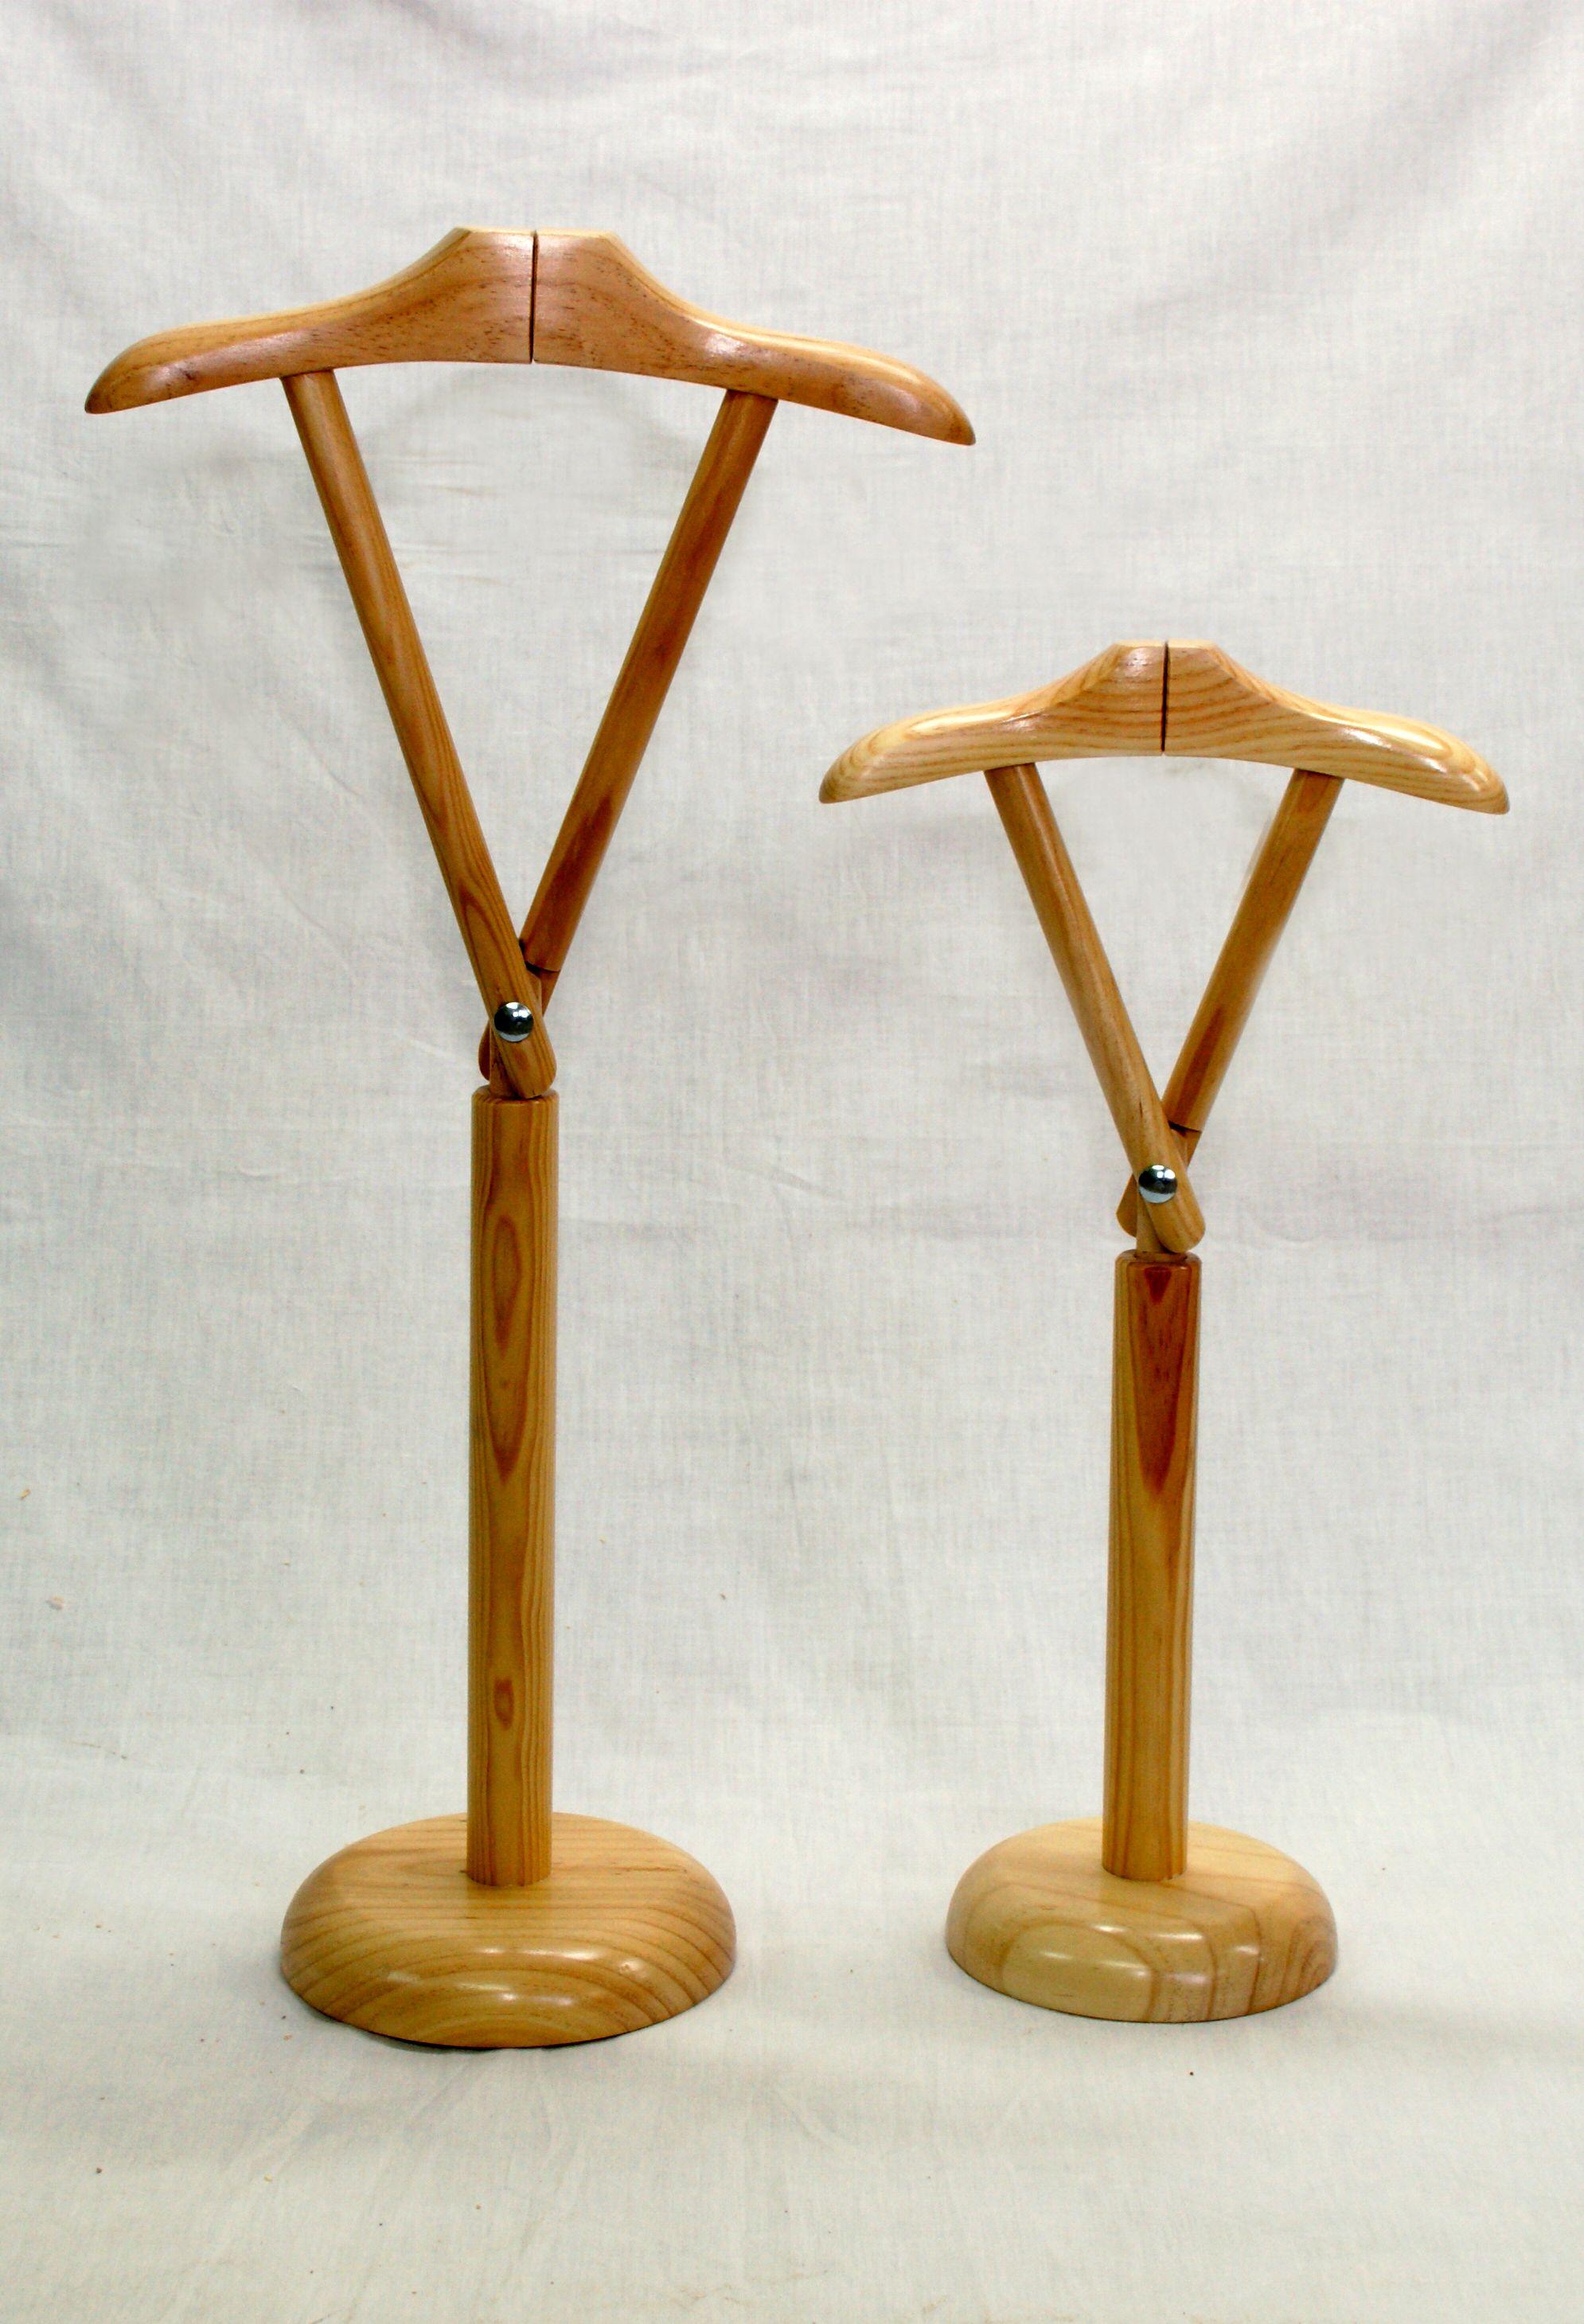 Exhibidor en madera. para niño y adulto. con percha partida para